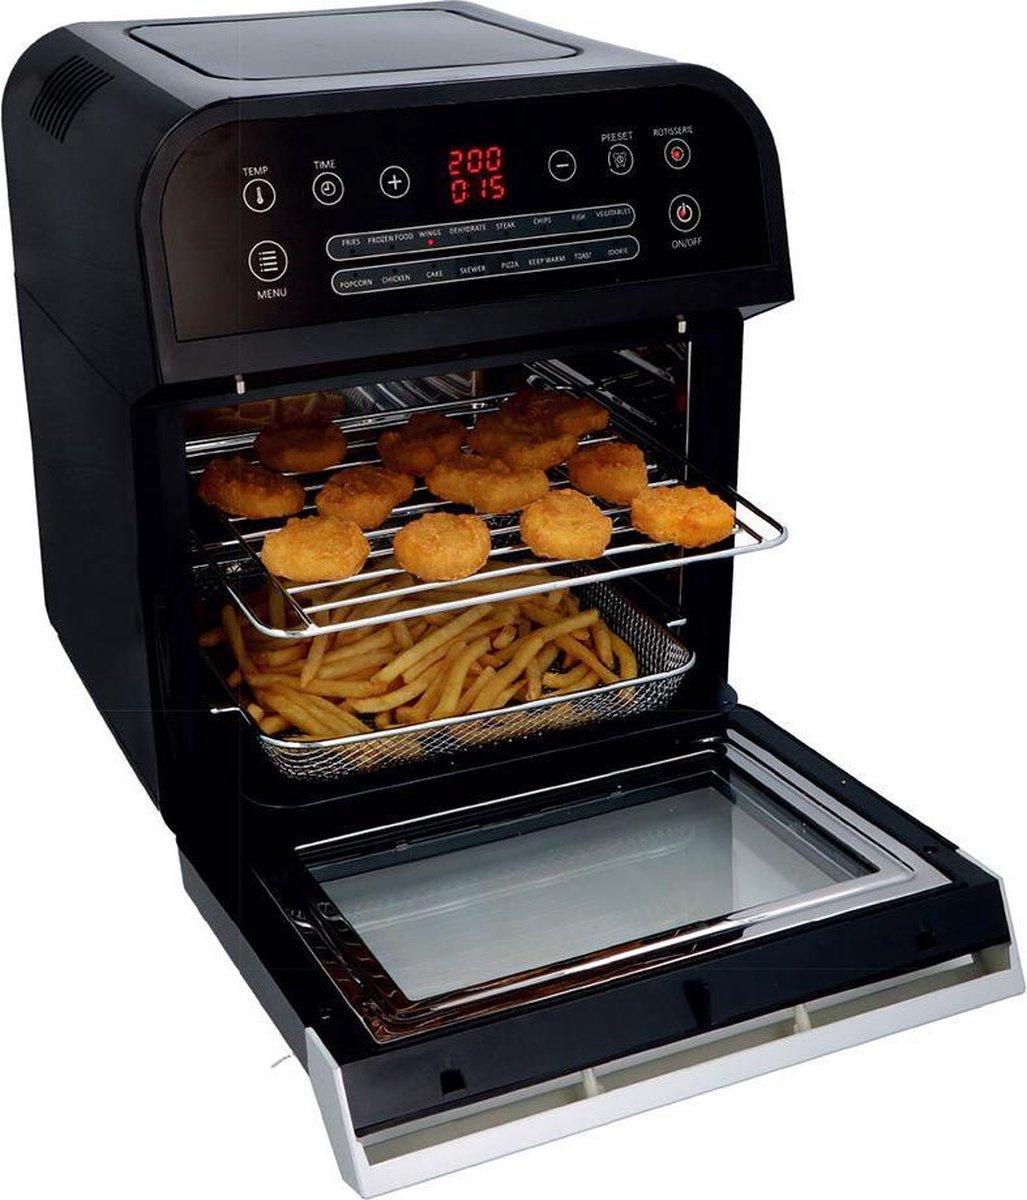 INUVIK Hetelucht friteuse I-AFO1201EB